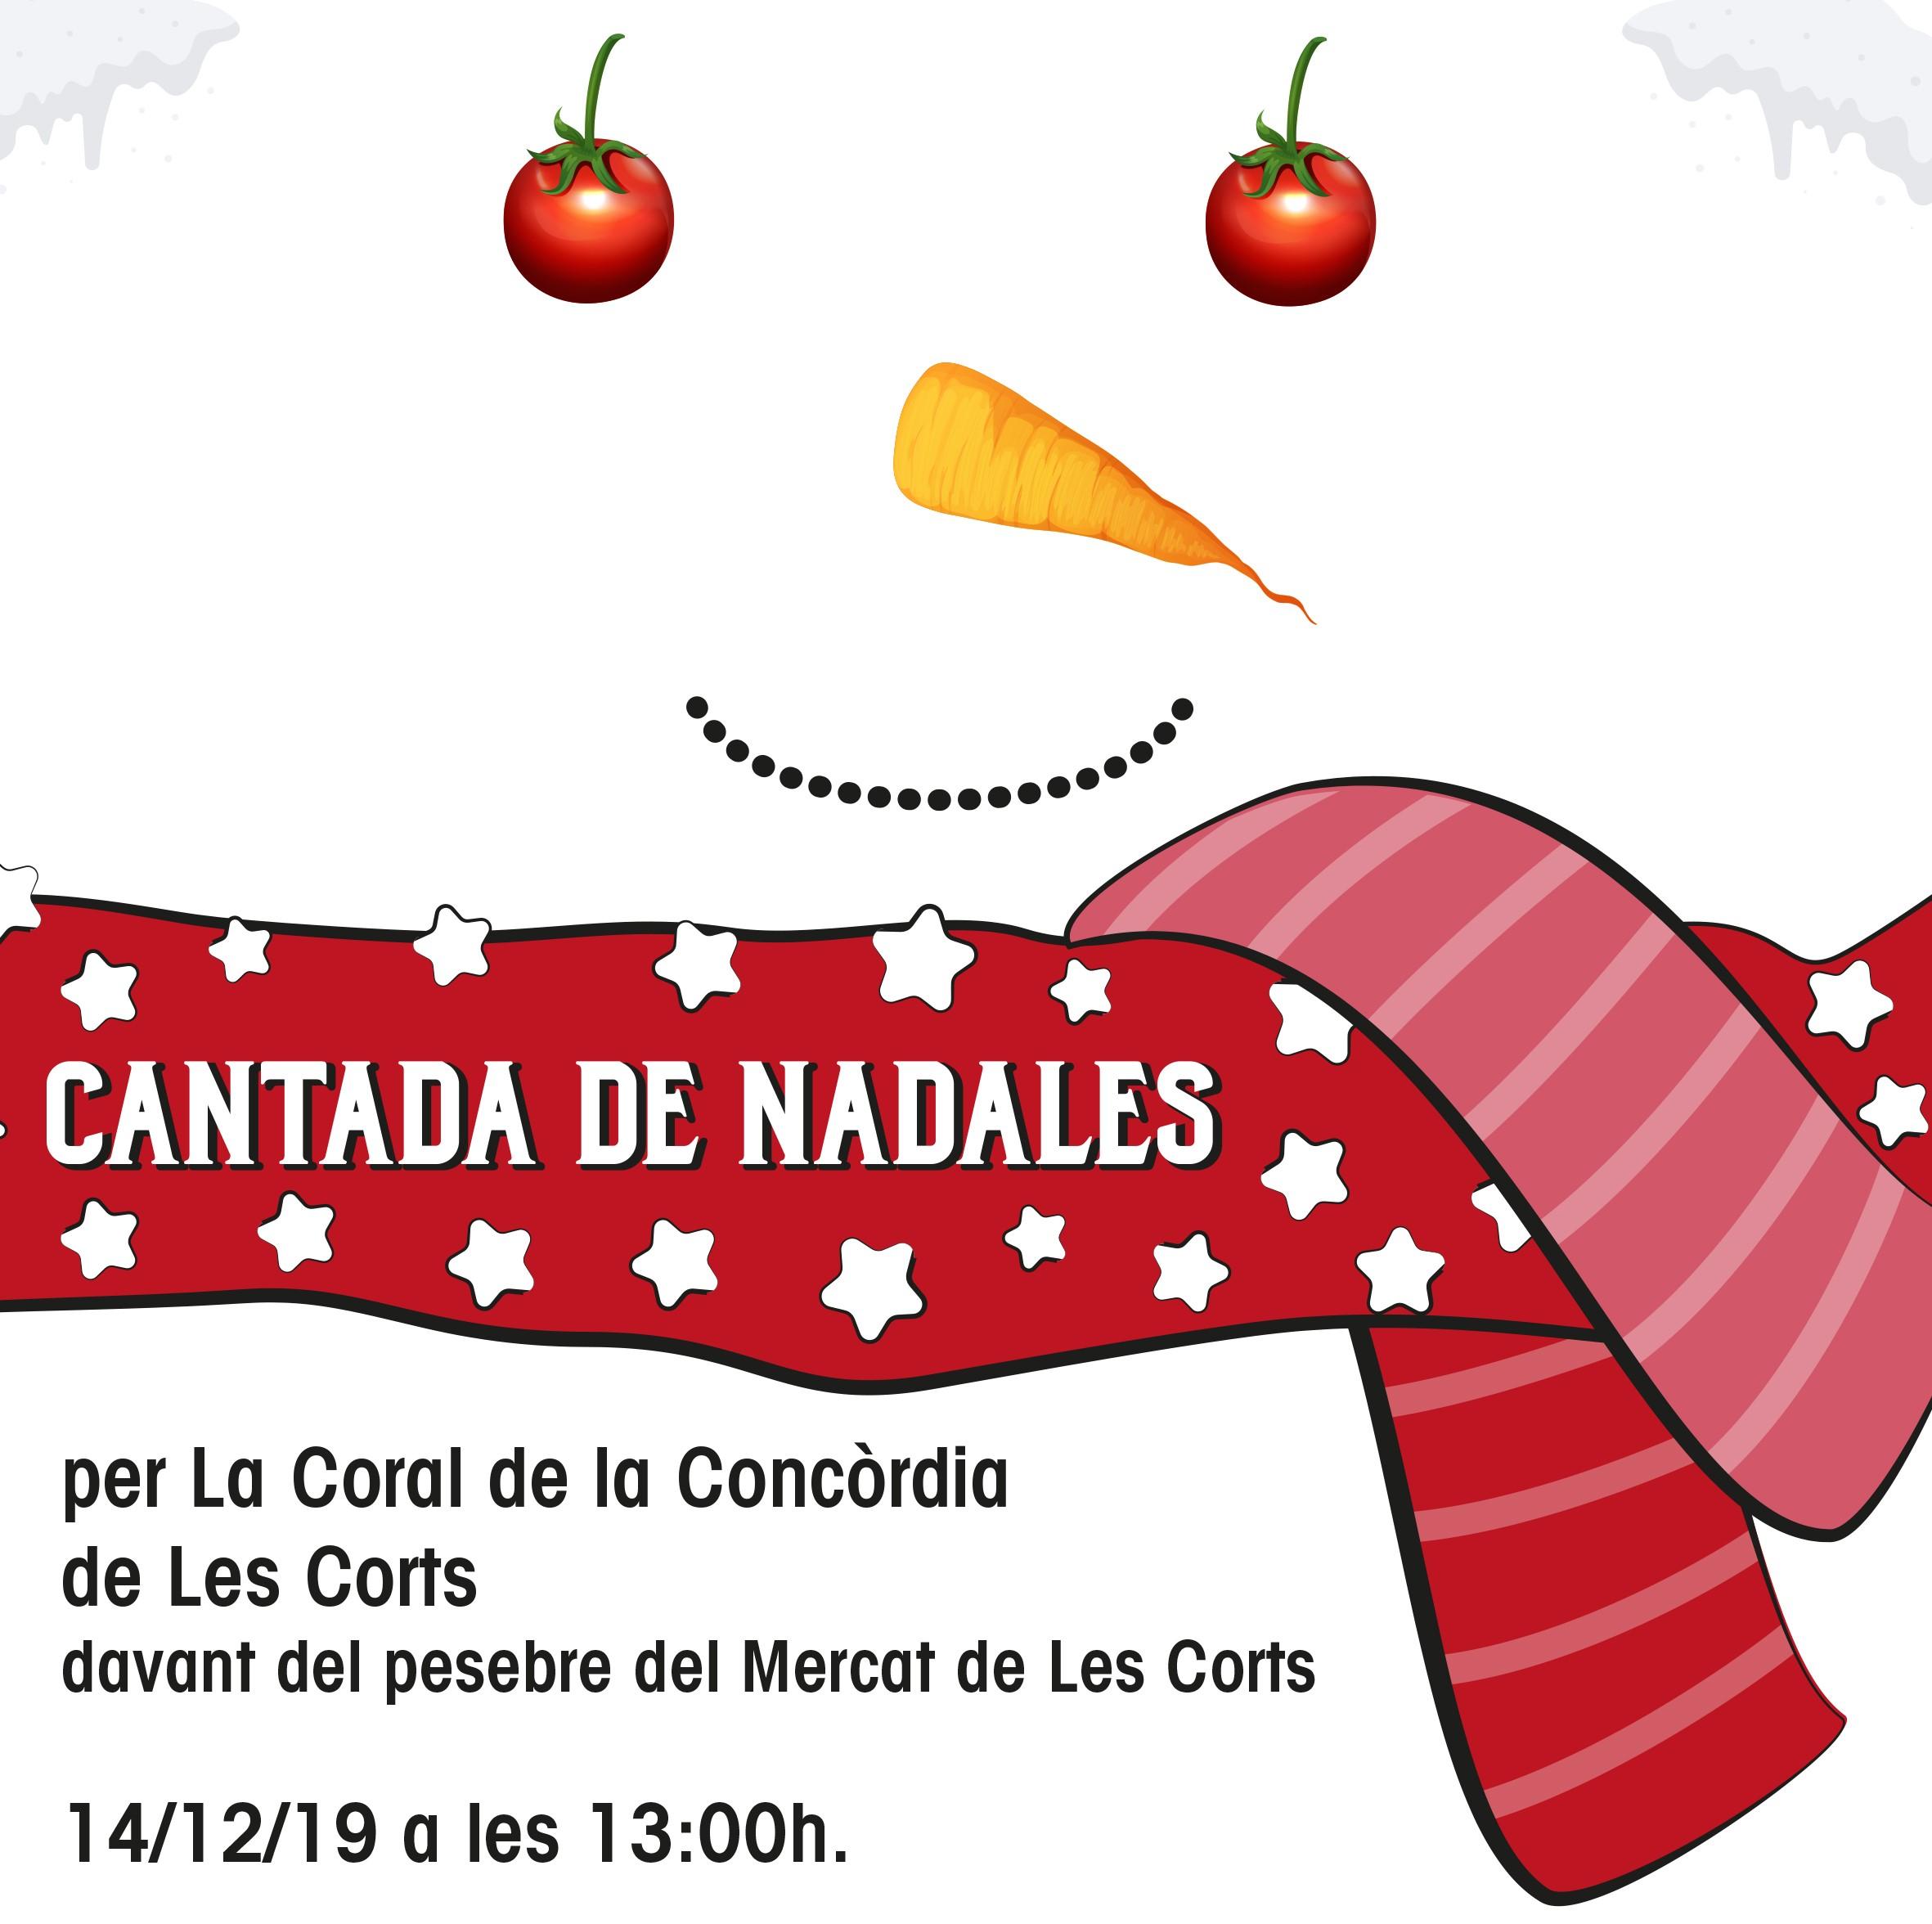 Concert de nadales 21-12-19